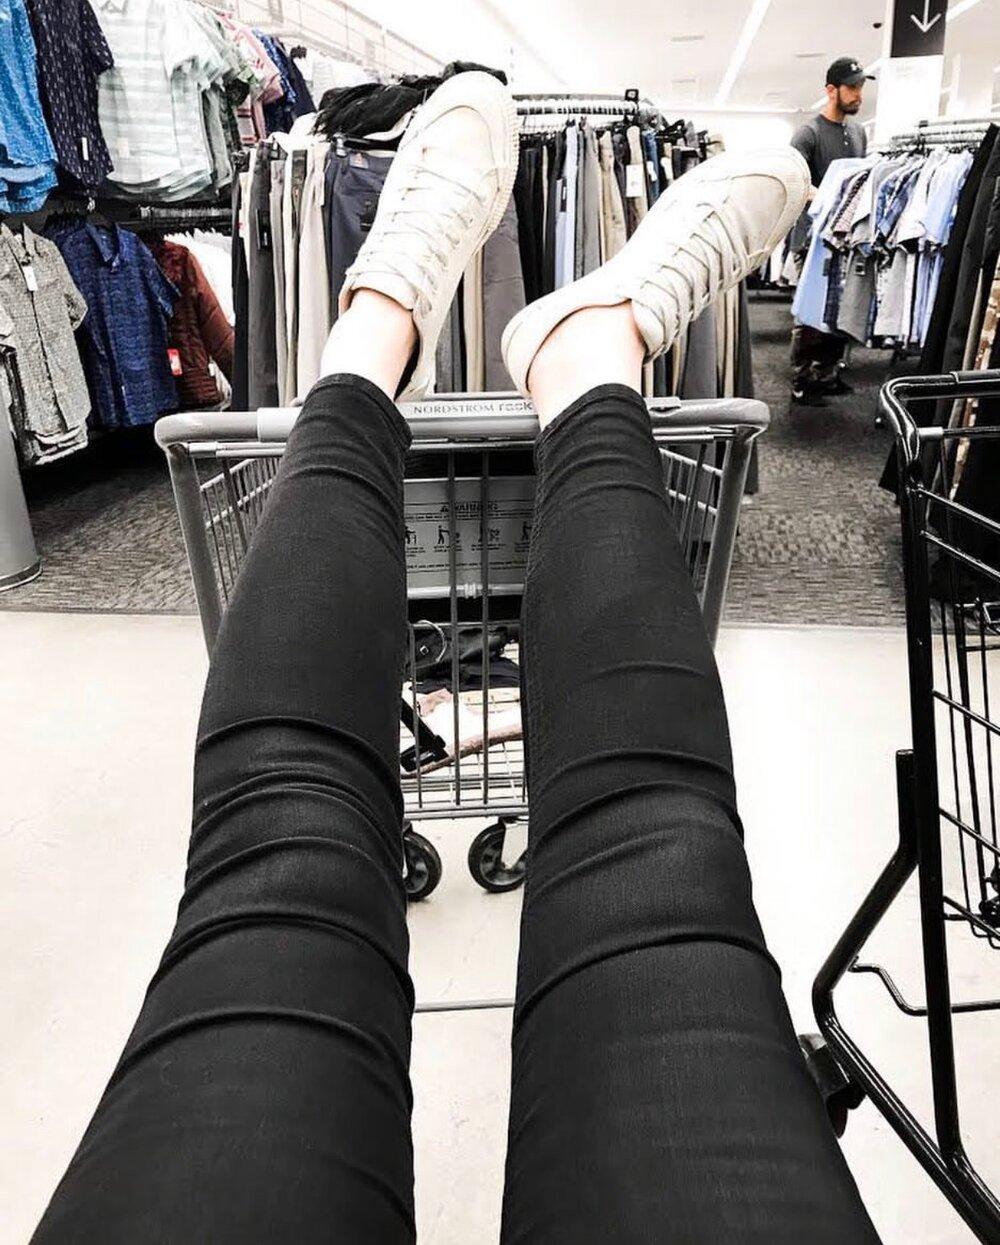 Feet up